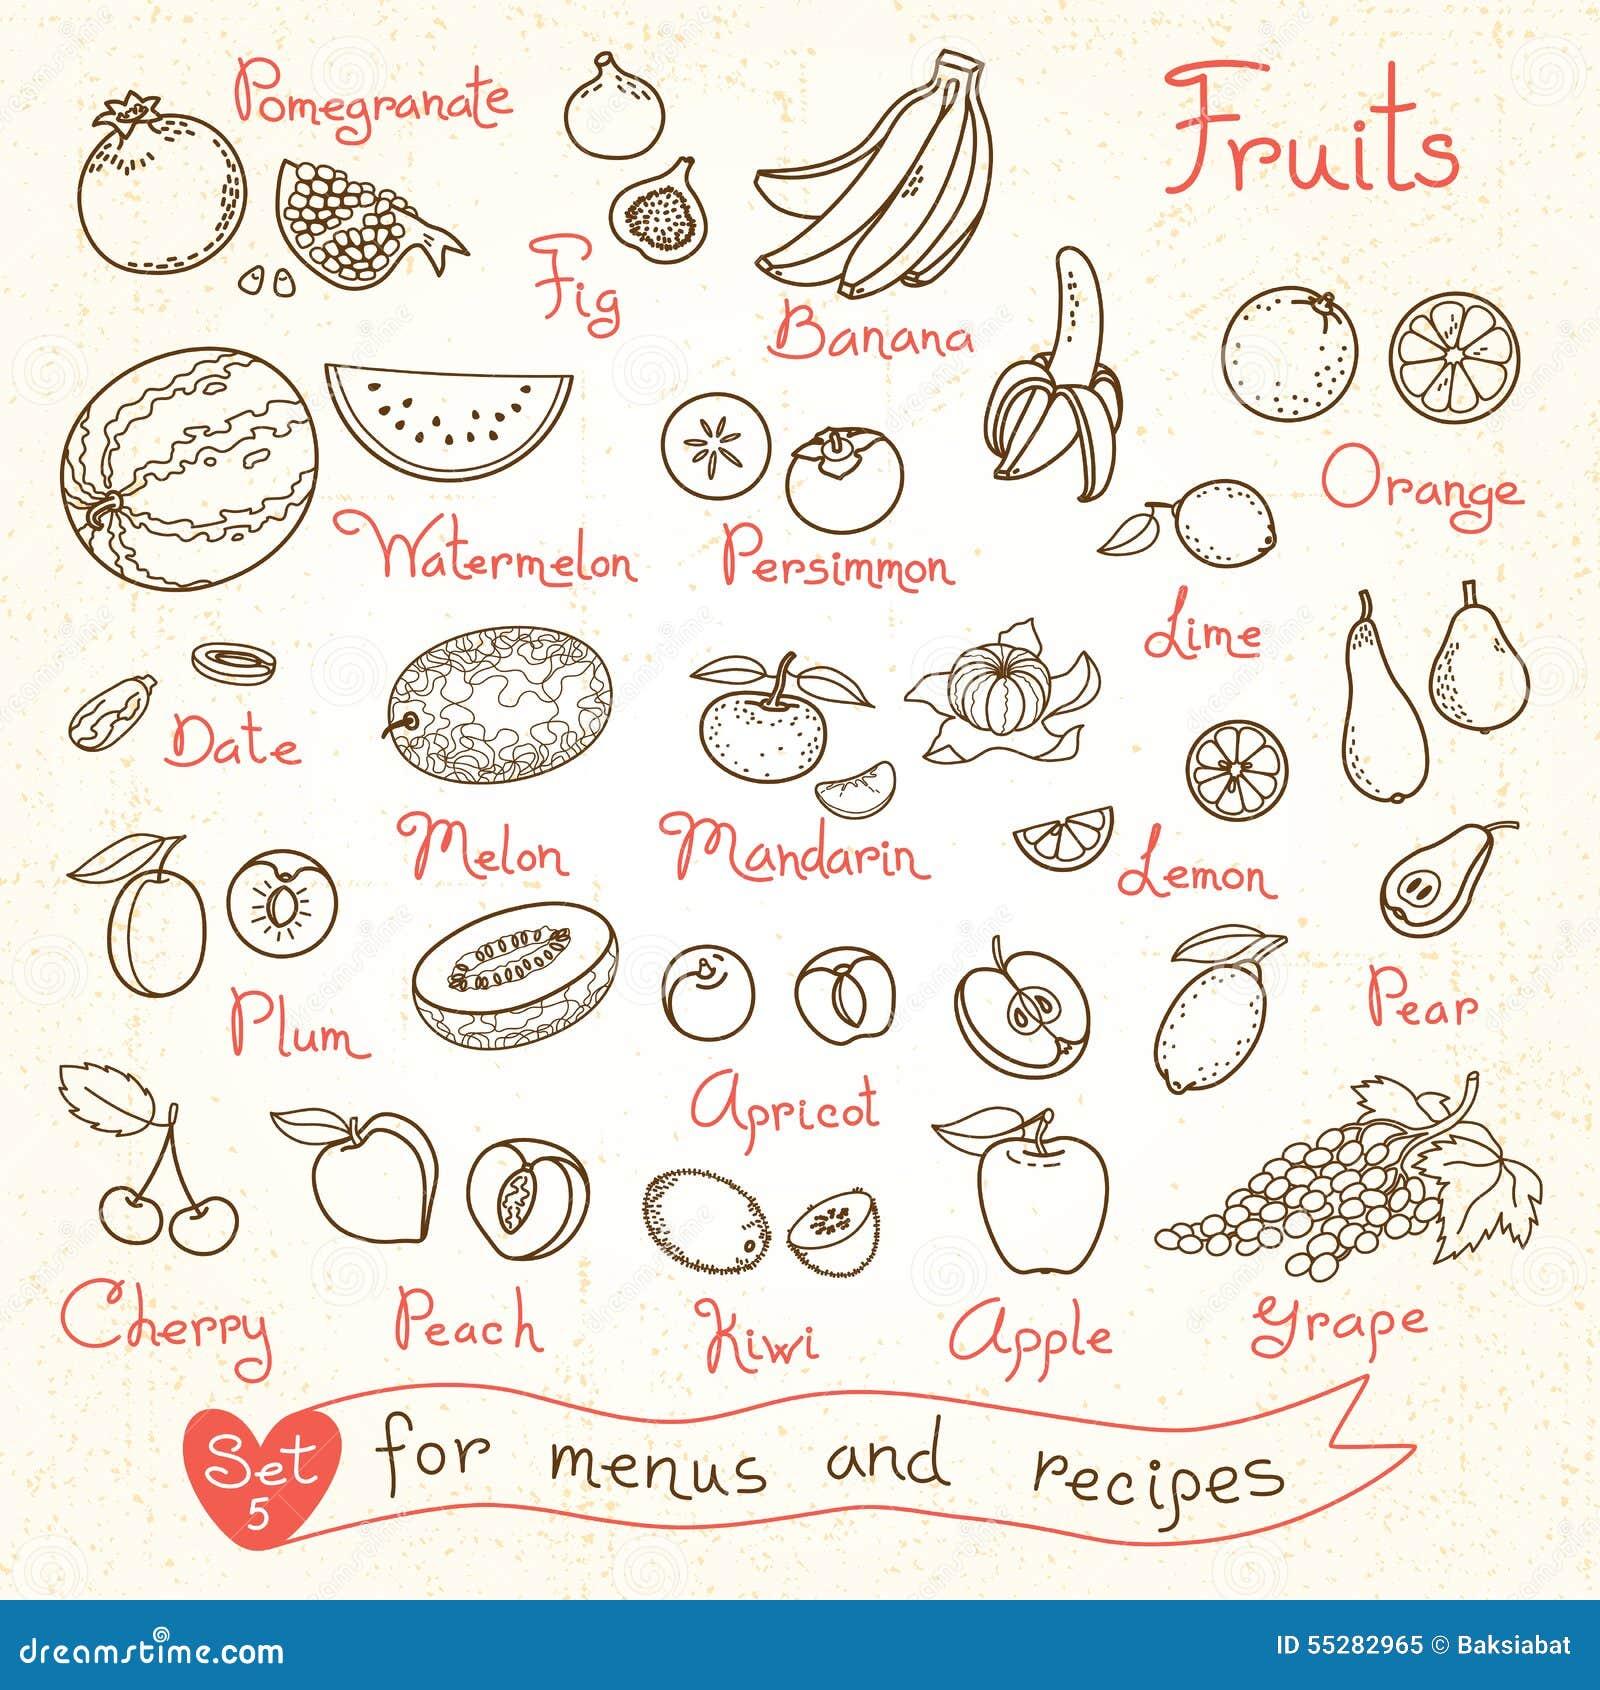 Καθορισμένα σχέδια των φρούτων για τις επιλογές σχεδίου, συνταγές